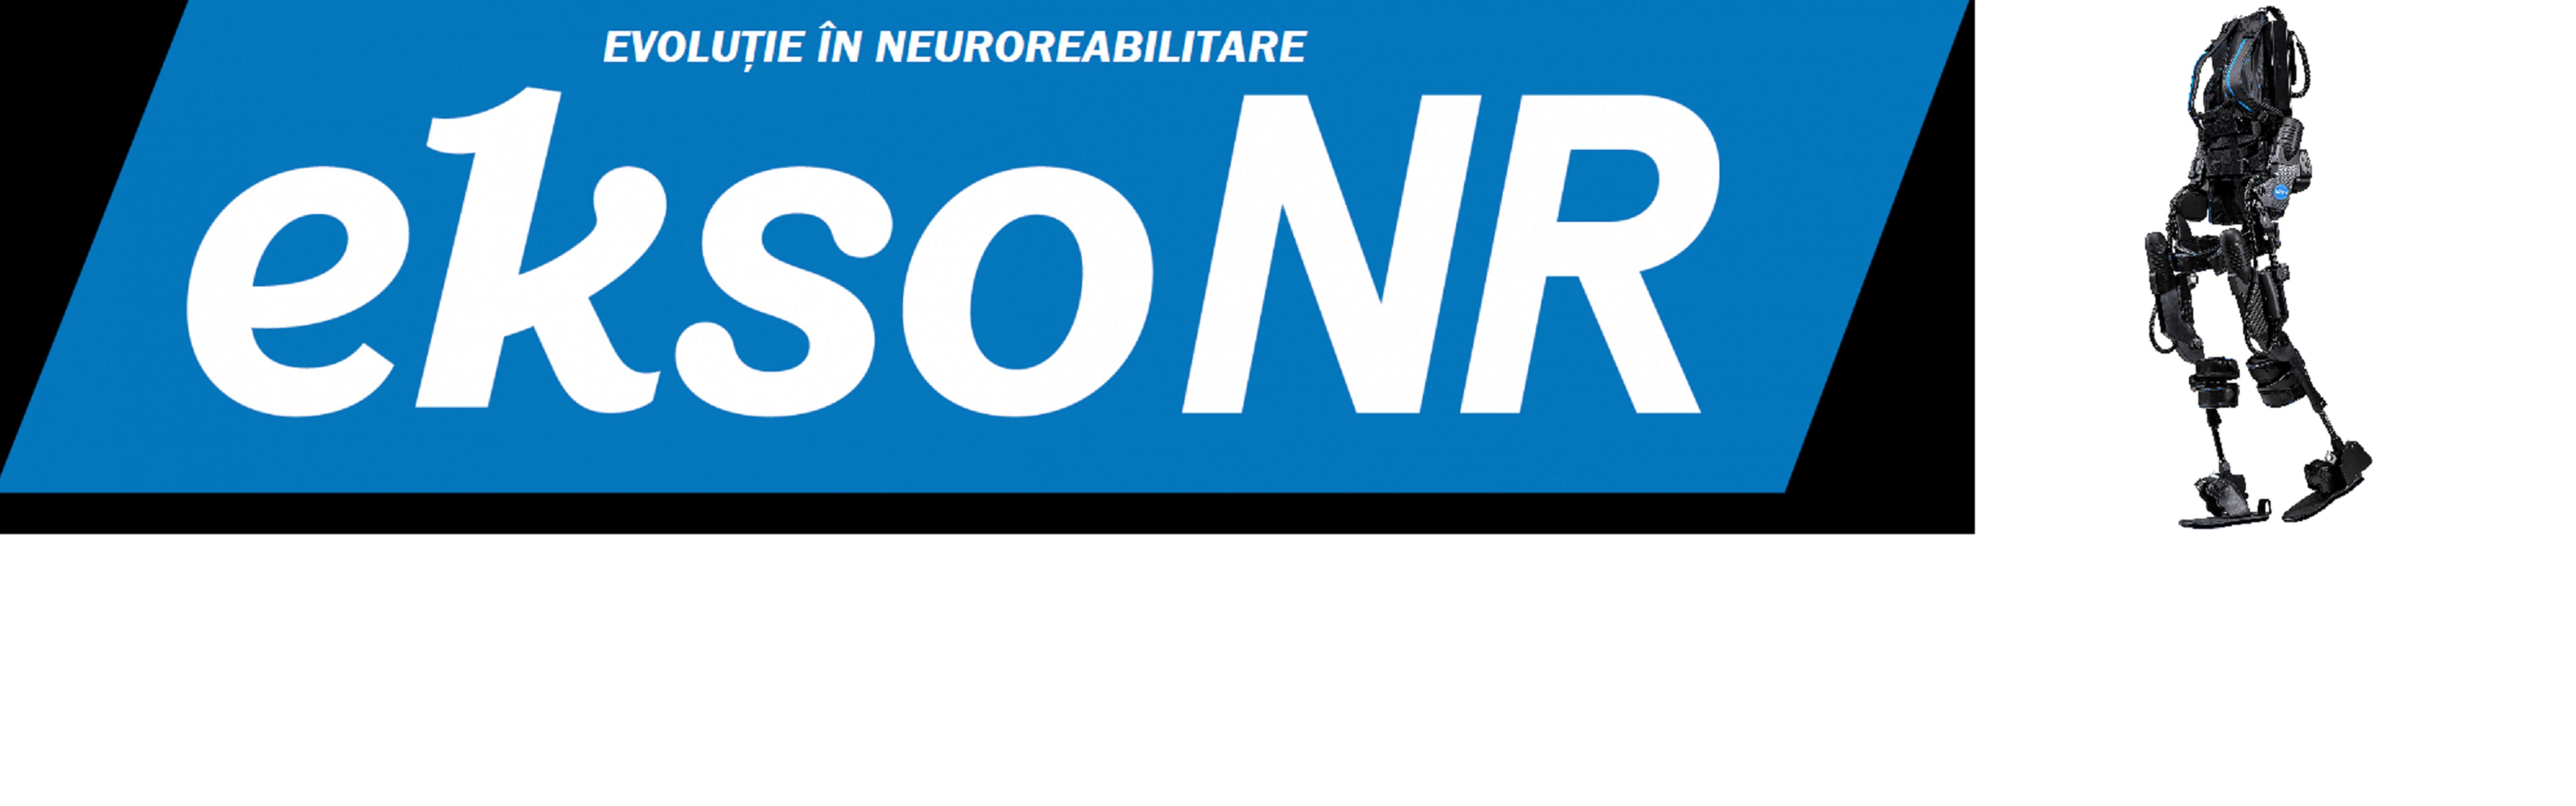 EksoNR4 - Galeria Recuperare robotică